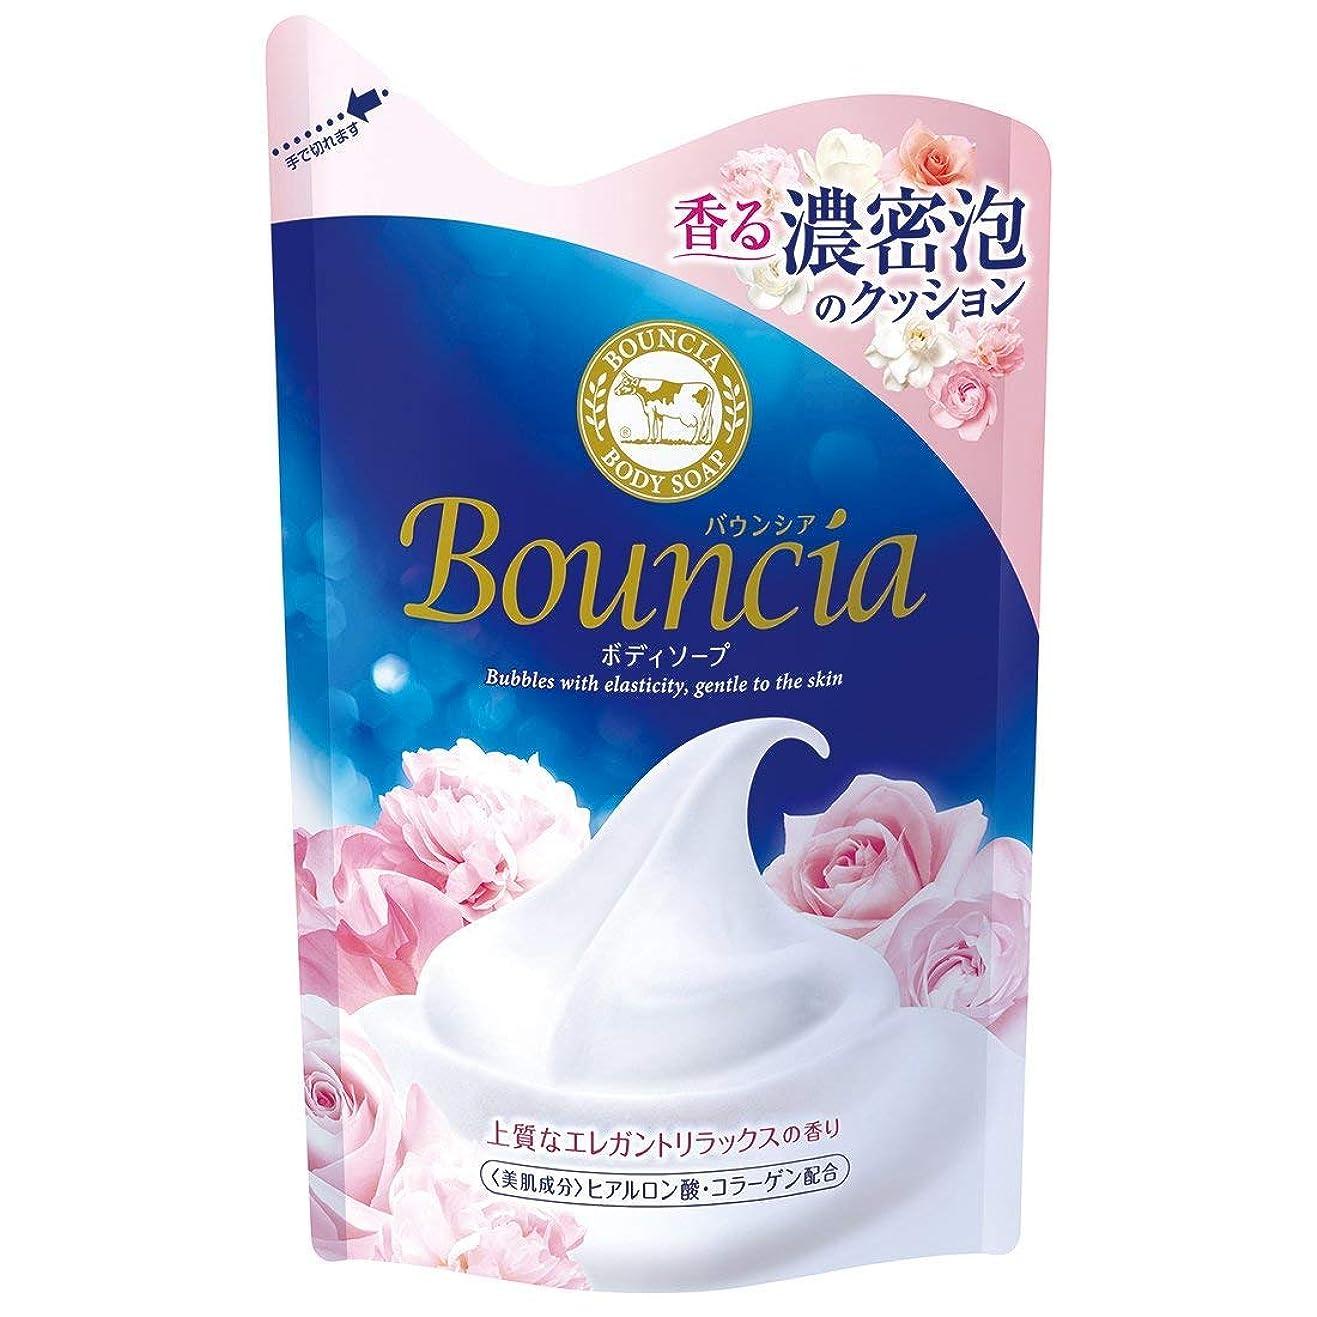 啓発する苦しみ水を飲む【まとめ買い】 バウンシア ボディソープ エレガントリラックスの香り つめかえ用 430ml × 3個